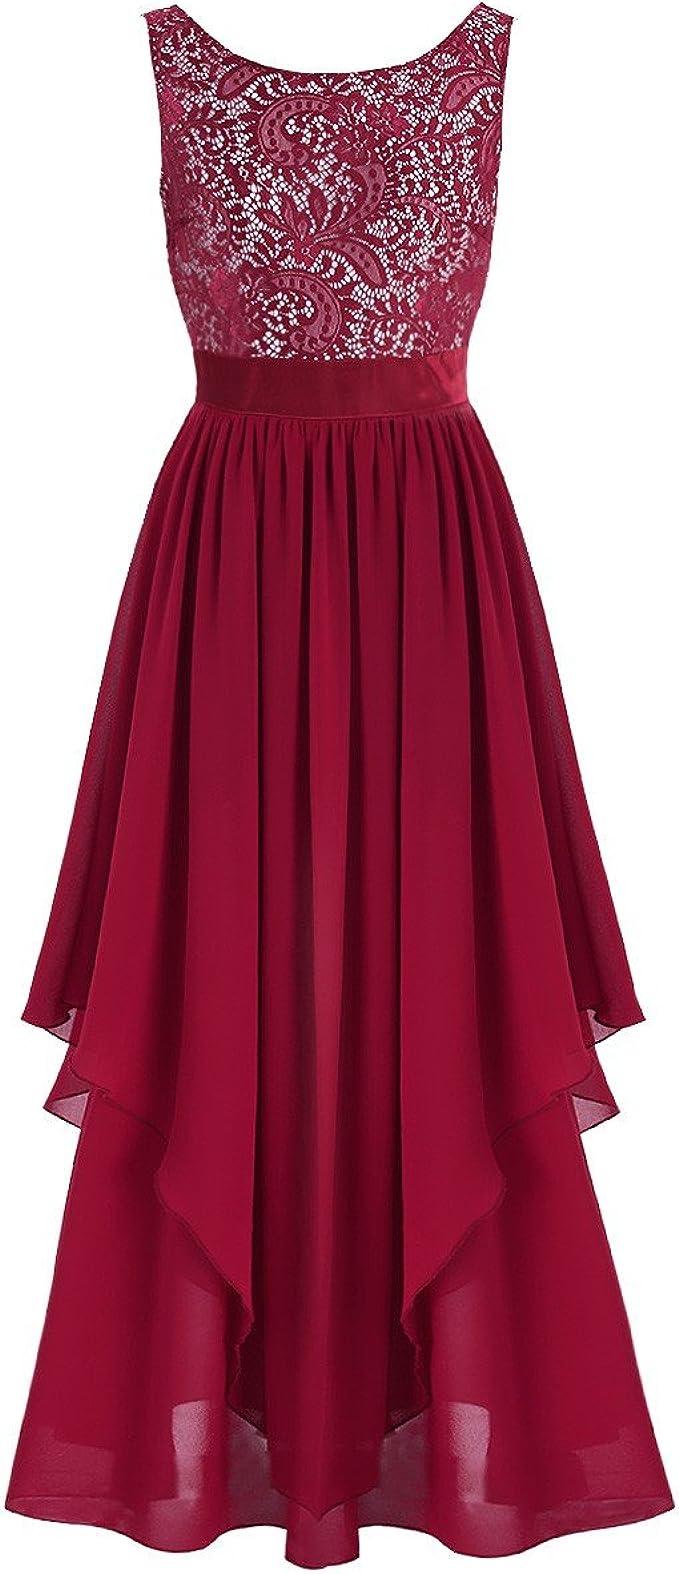 TiaoBug Elegante Damen Kleider Festliche Cocktail Hochzeit Abendkleid Lange  Kleider 14/14 14 14 14/14 14 14